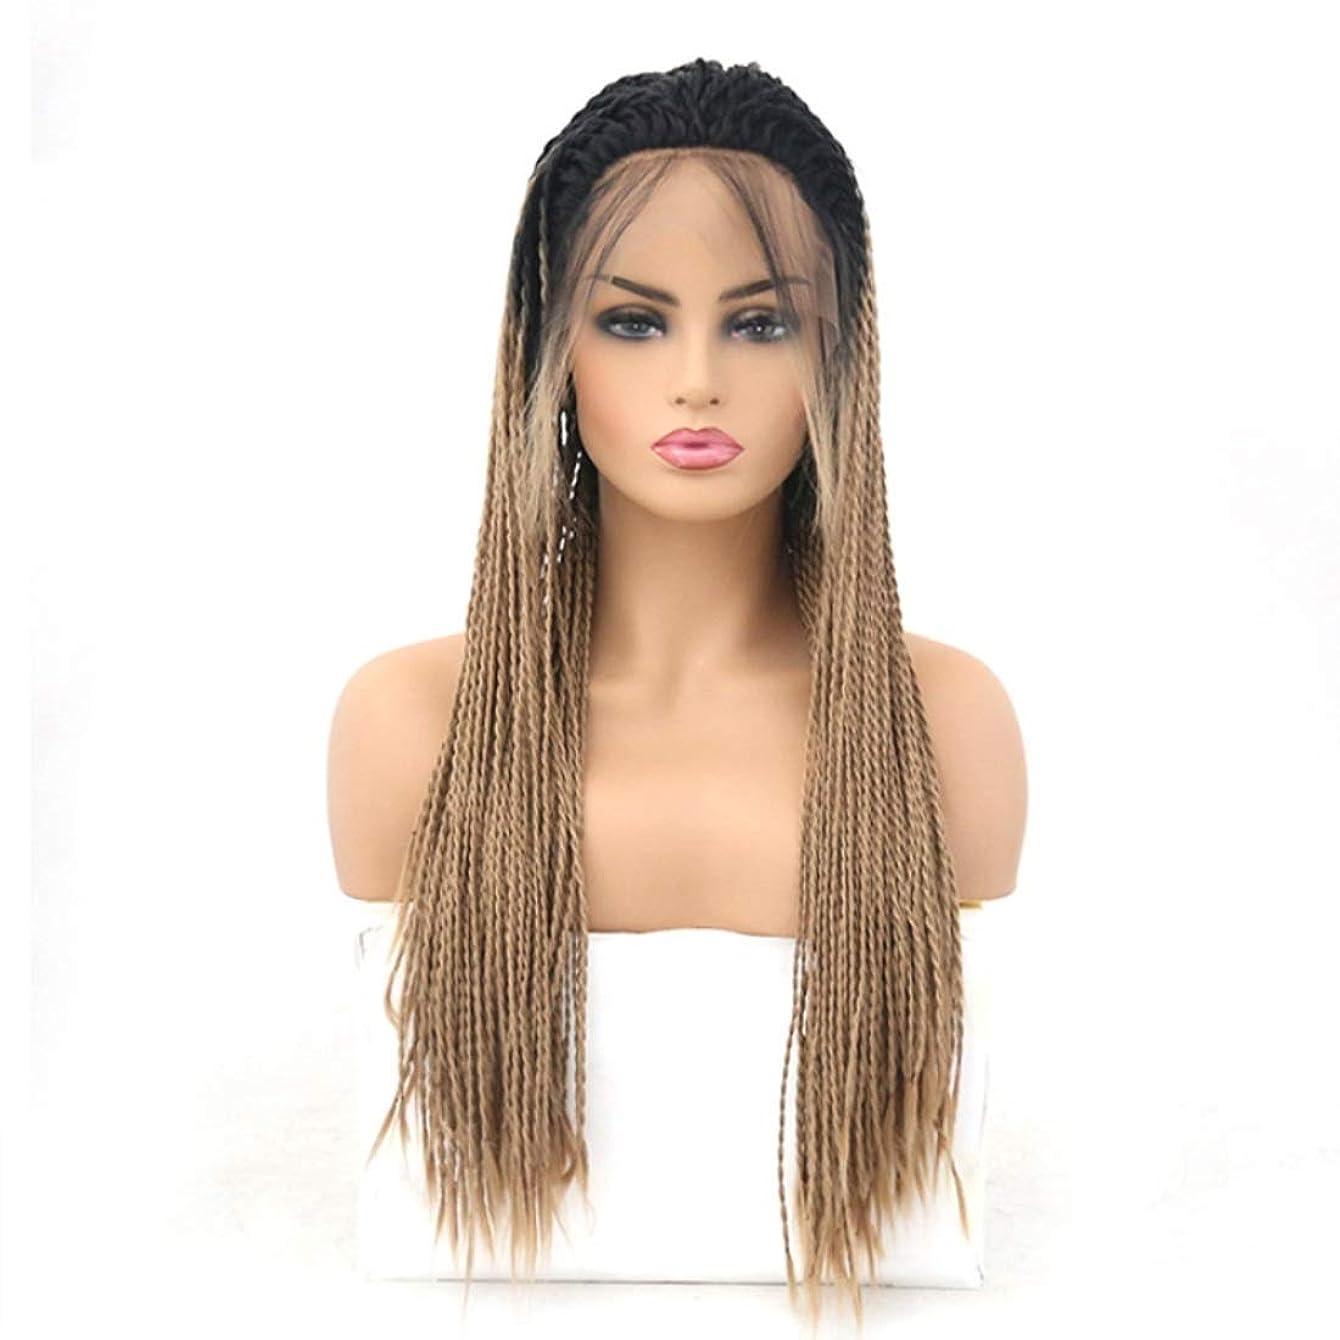 オーロックのり関連するSummerys 女性のための前髪の毛髪のかつらとフロントレースグラデーションかつら耐熱合成かつら (Size : 22 inches)